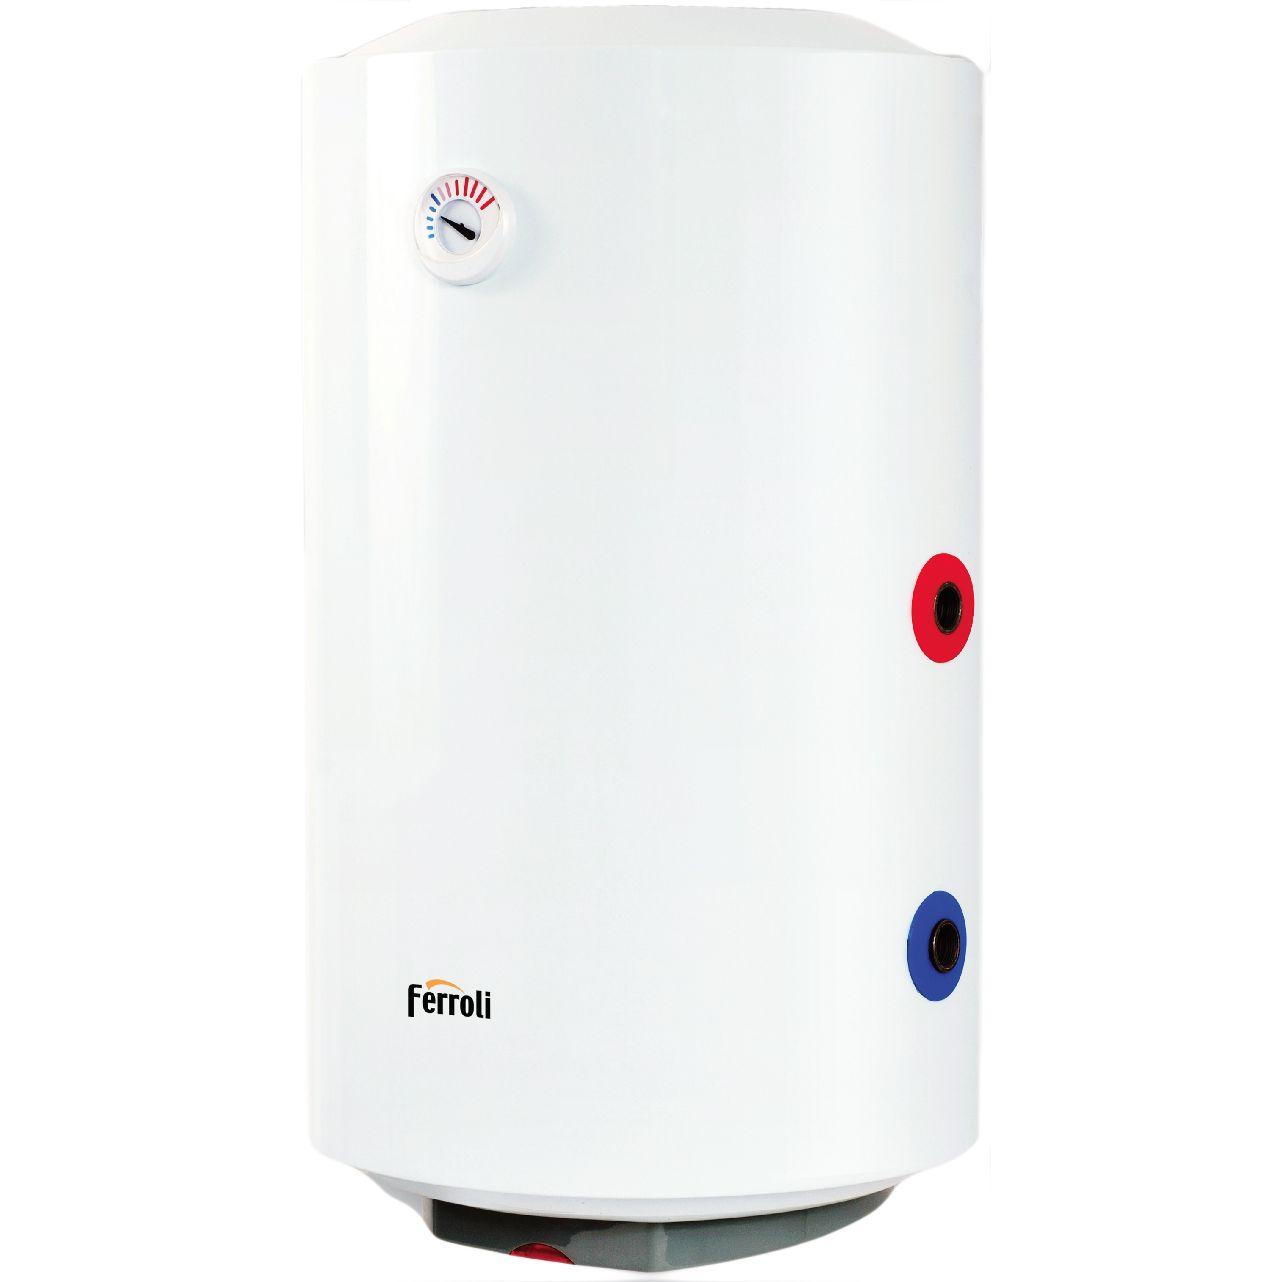 Boiler termoelectric cu serpentina Ferroli Power Thermo 120V, 1500 W, 120 l, 0.8 Mpa, Alb imagine fornello.ro